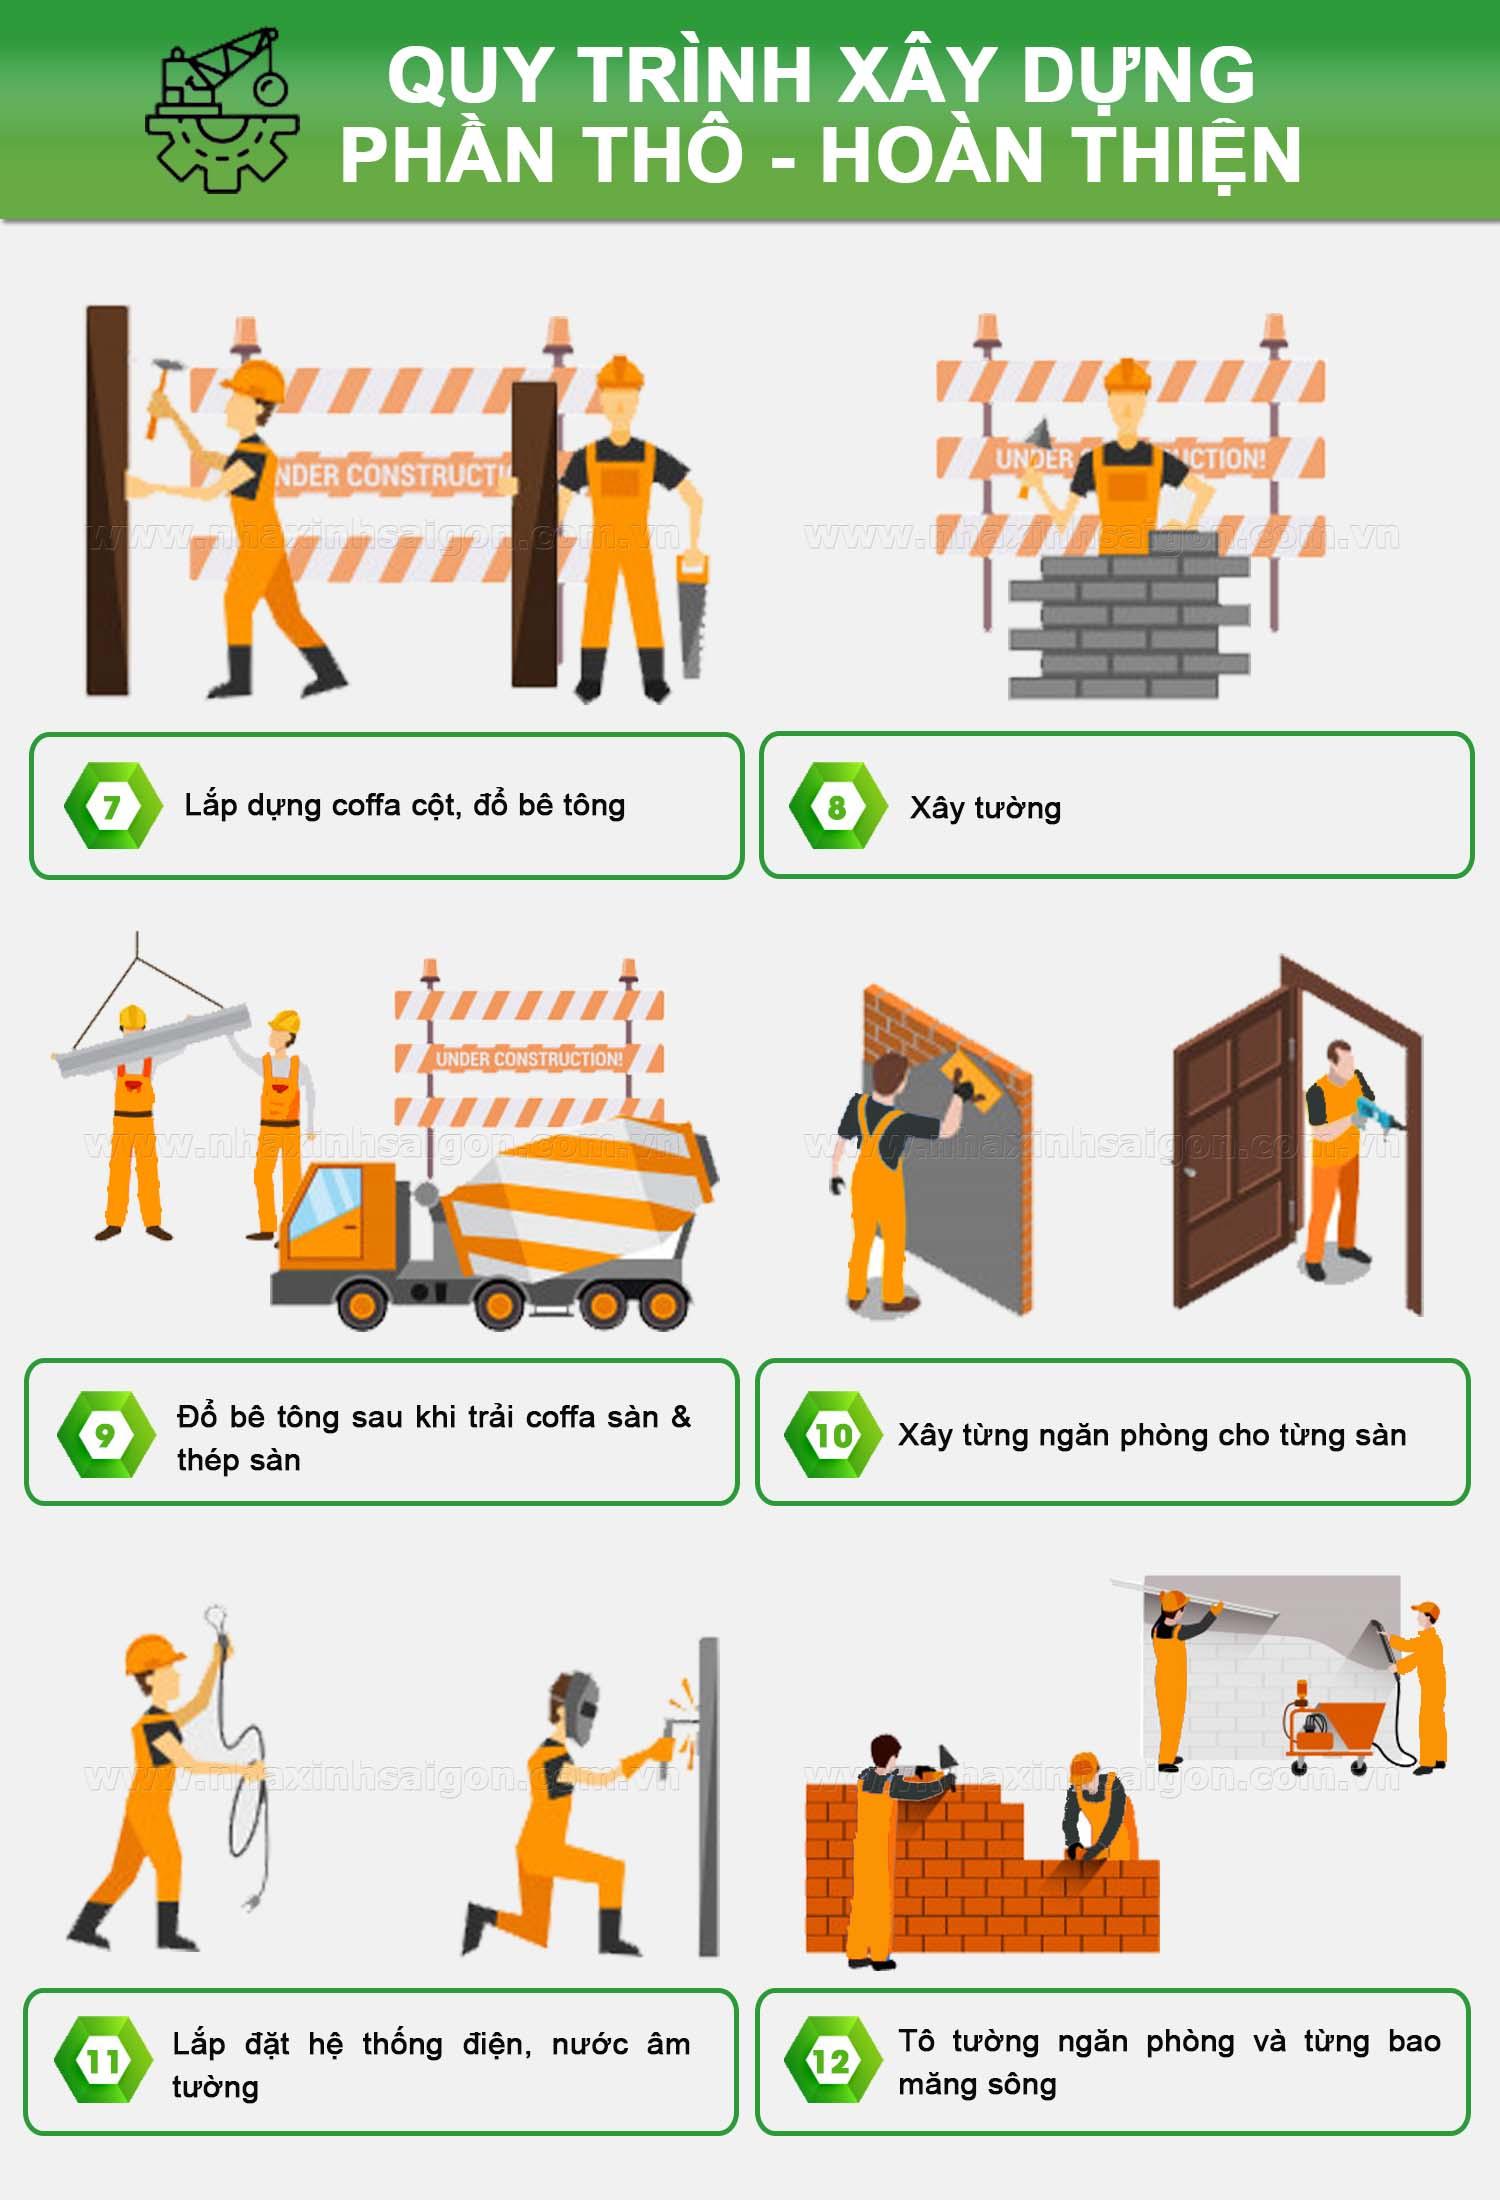 quy trình xây dựng phần thô